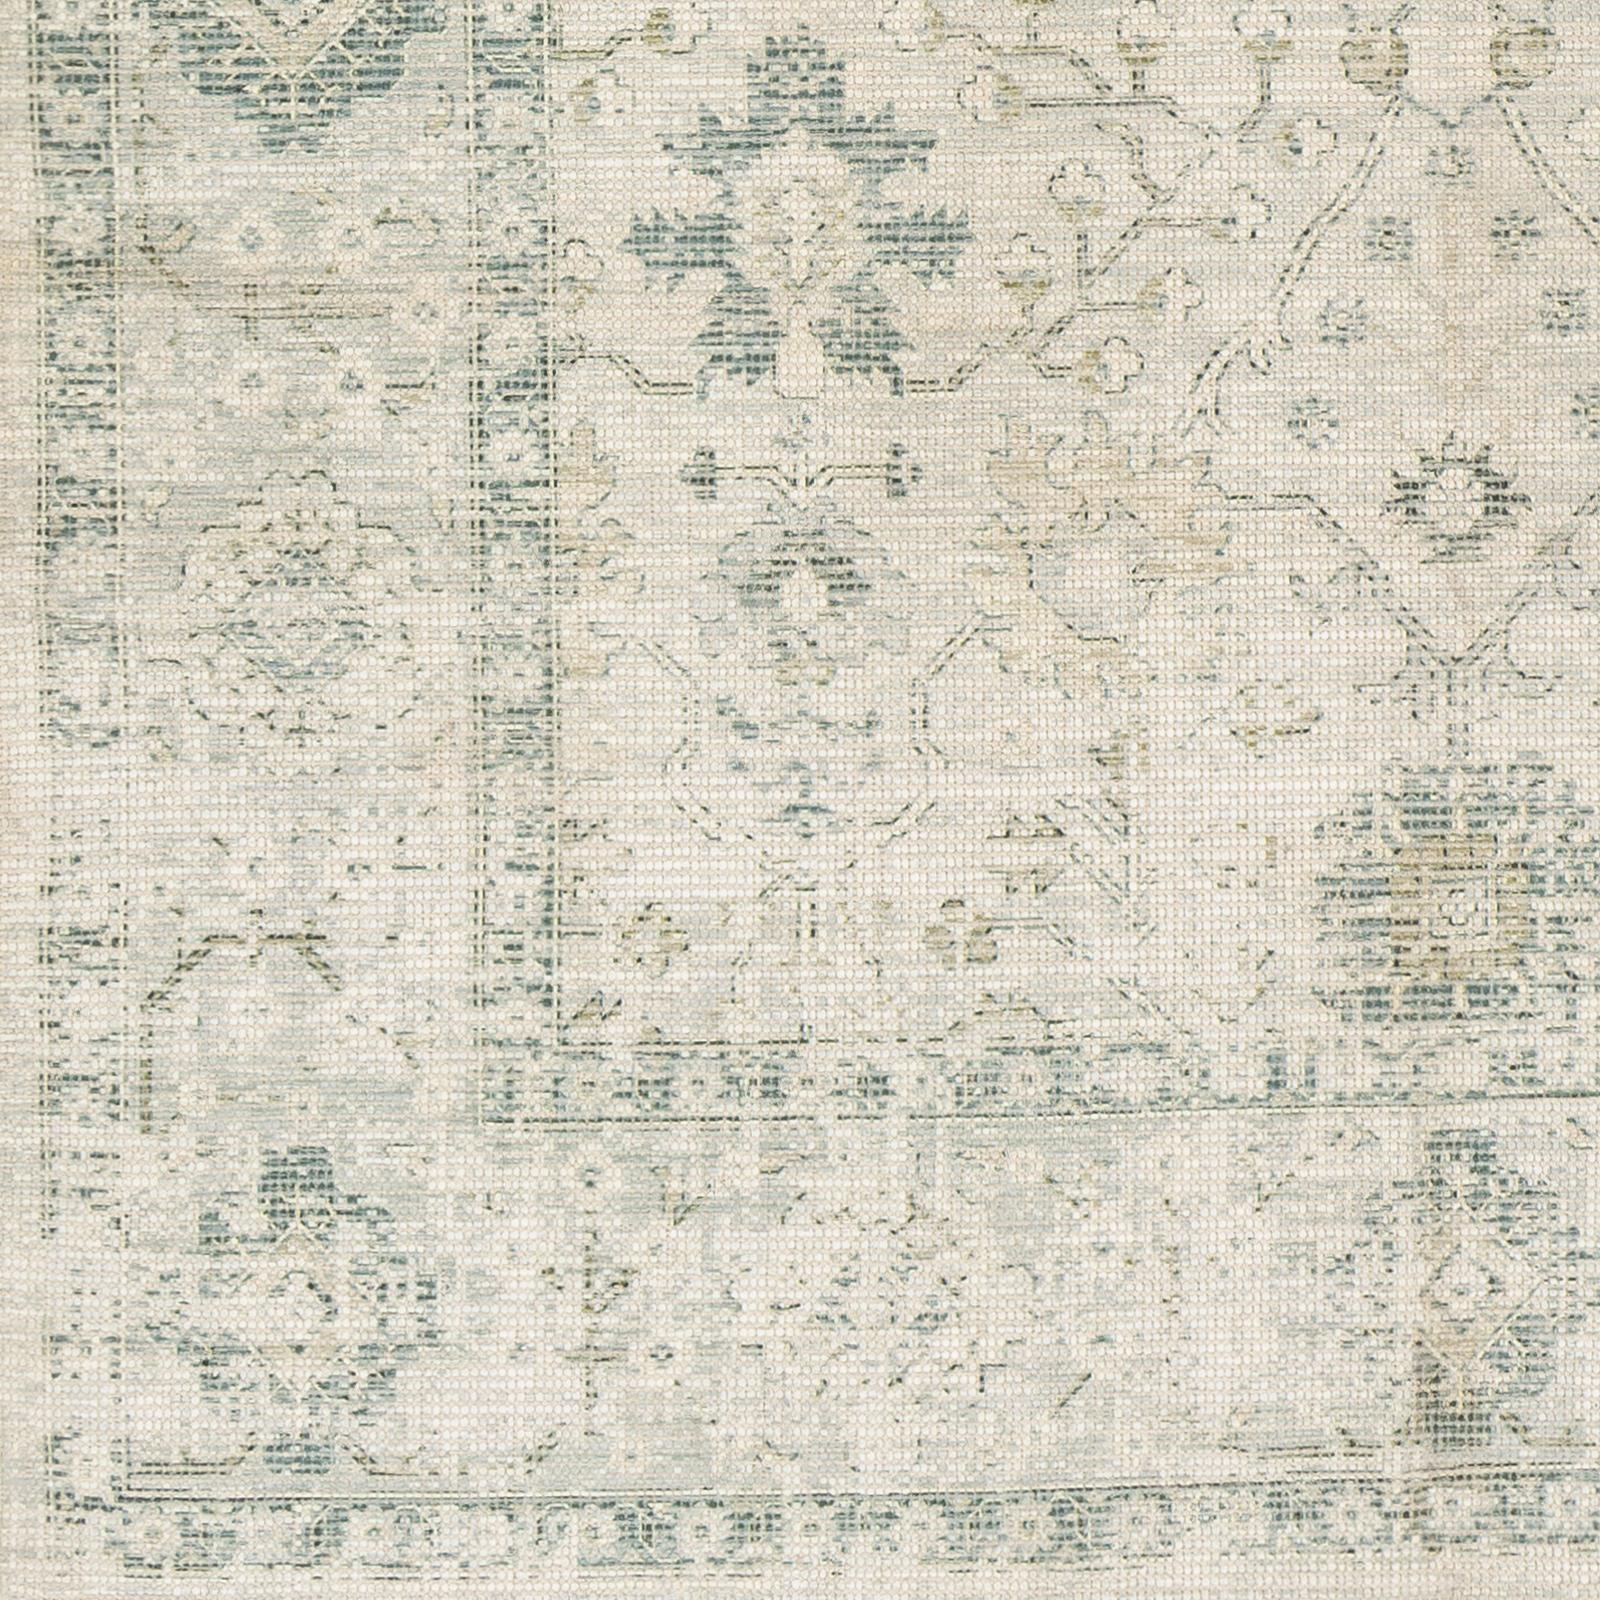 Zainab - ZAI-2308 - 2' x 3'